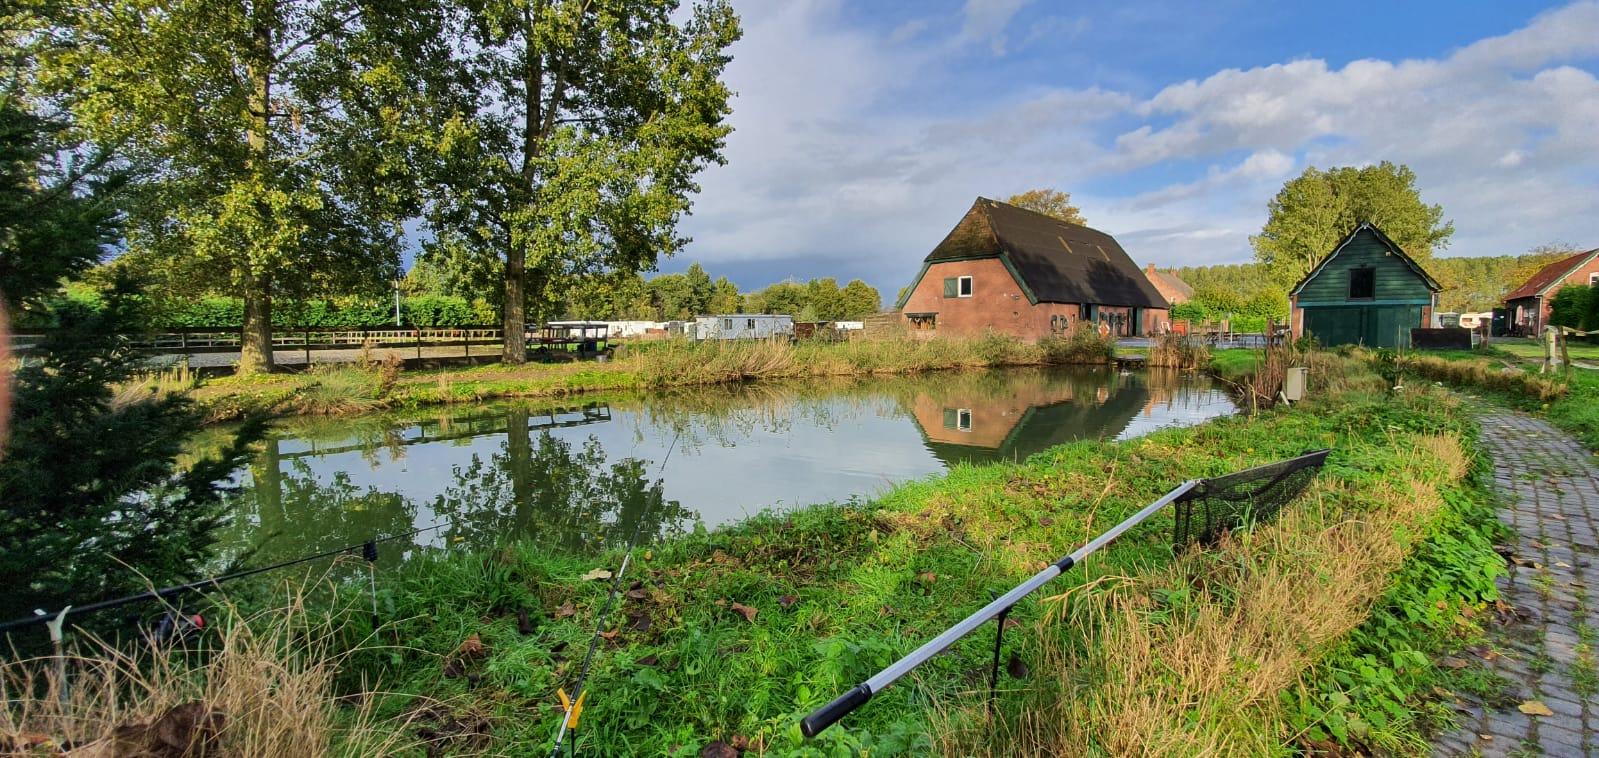 Rust-ruimte-vijfer-boerderij-zorgboerderij-Hof-van-Axel